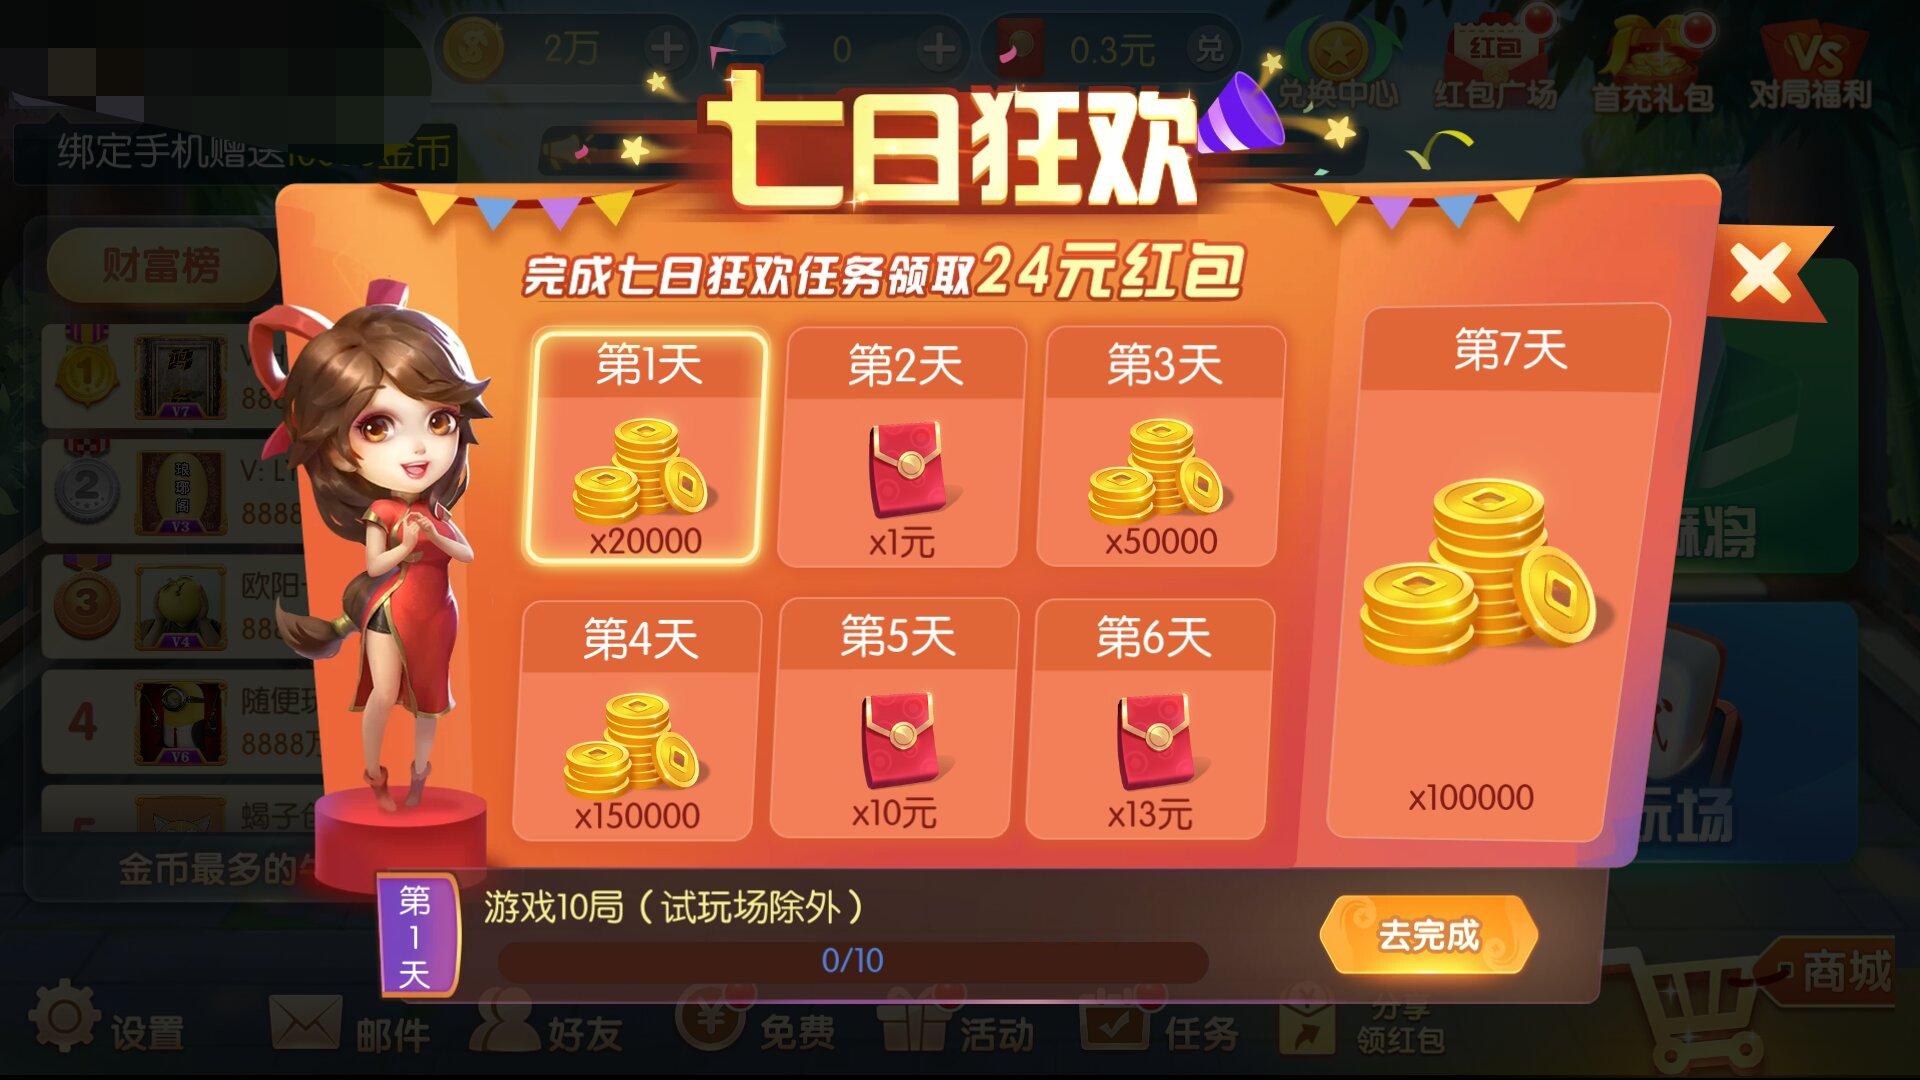 【现金红包】玩游戏撸最高24元微信红包秒到-www.im86.com